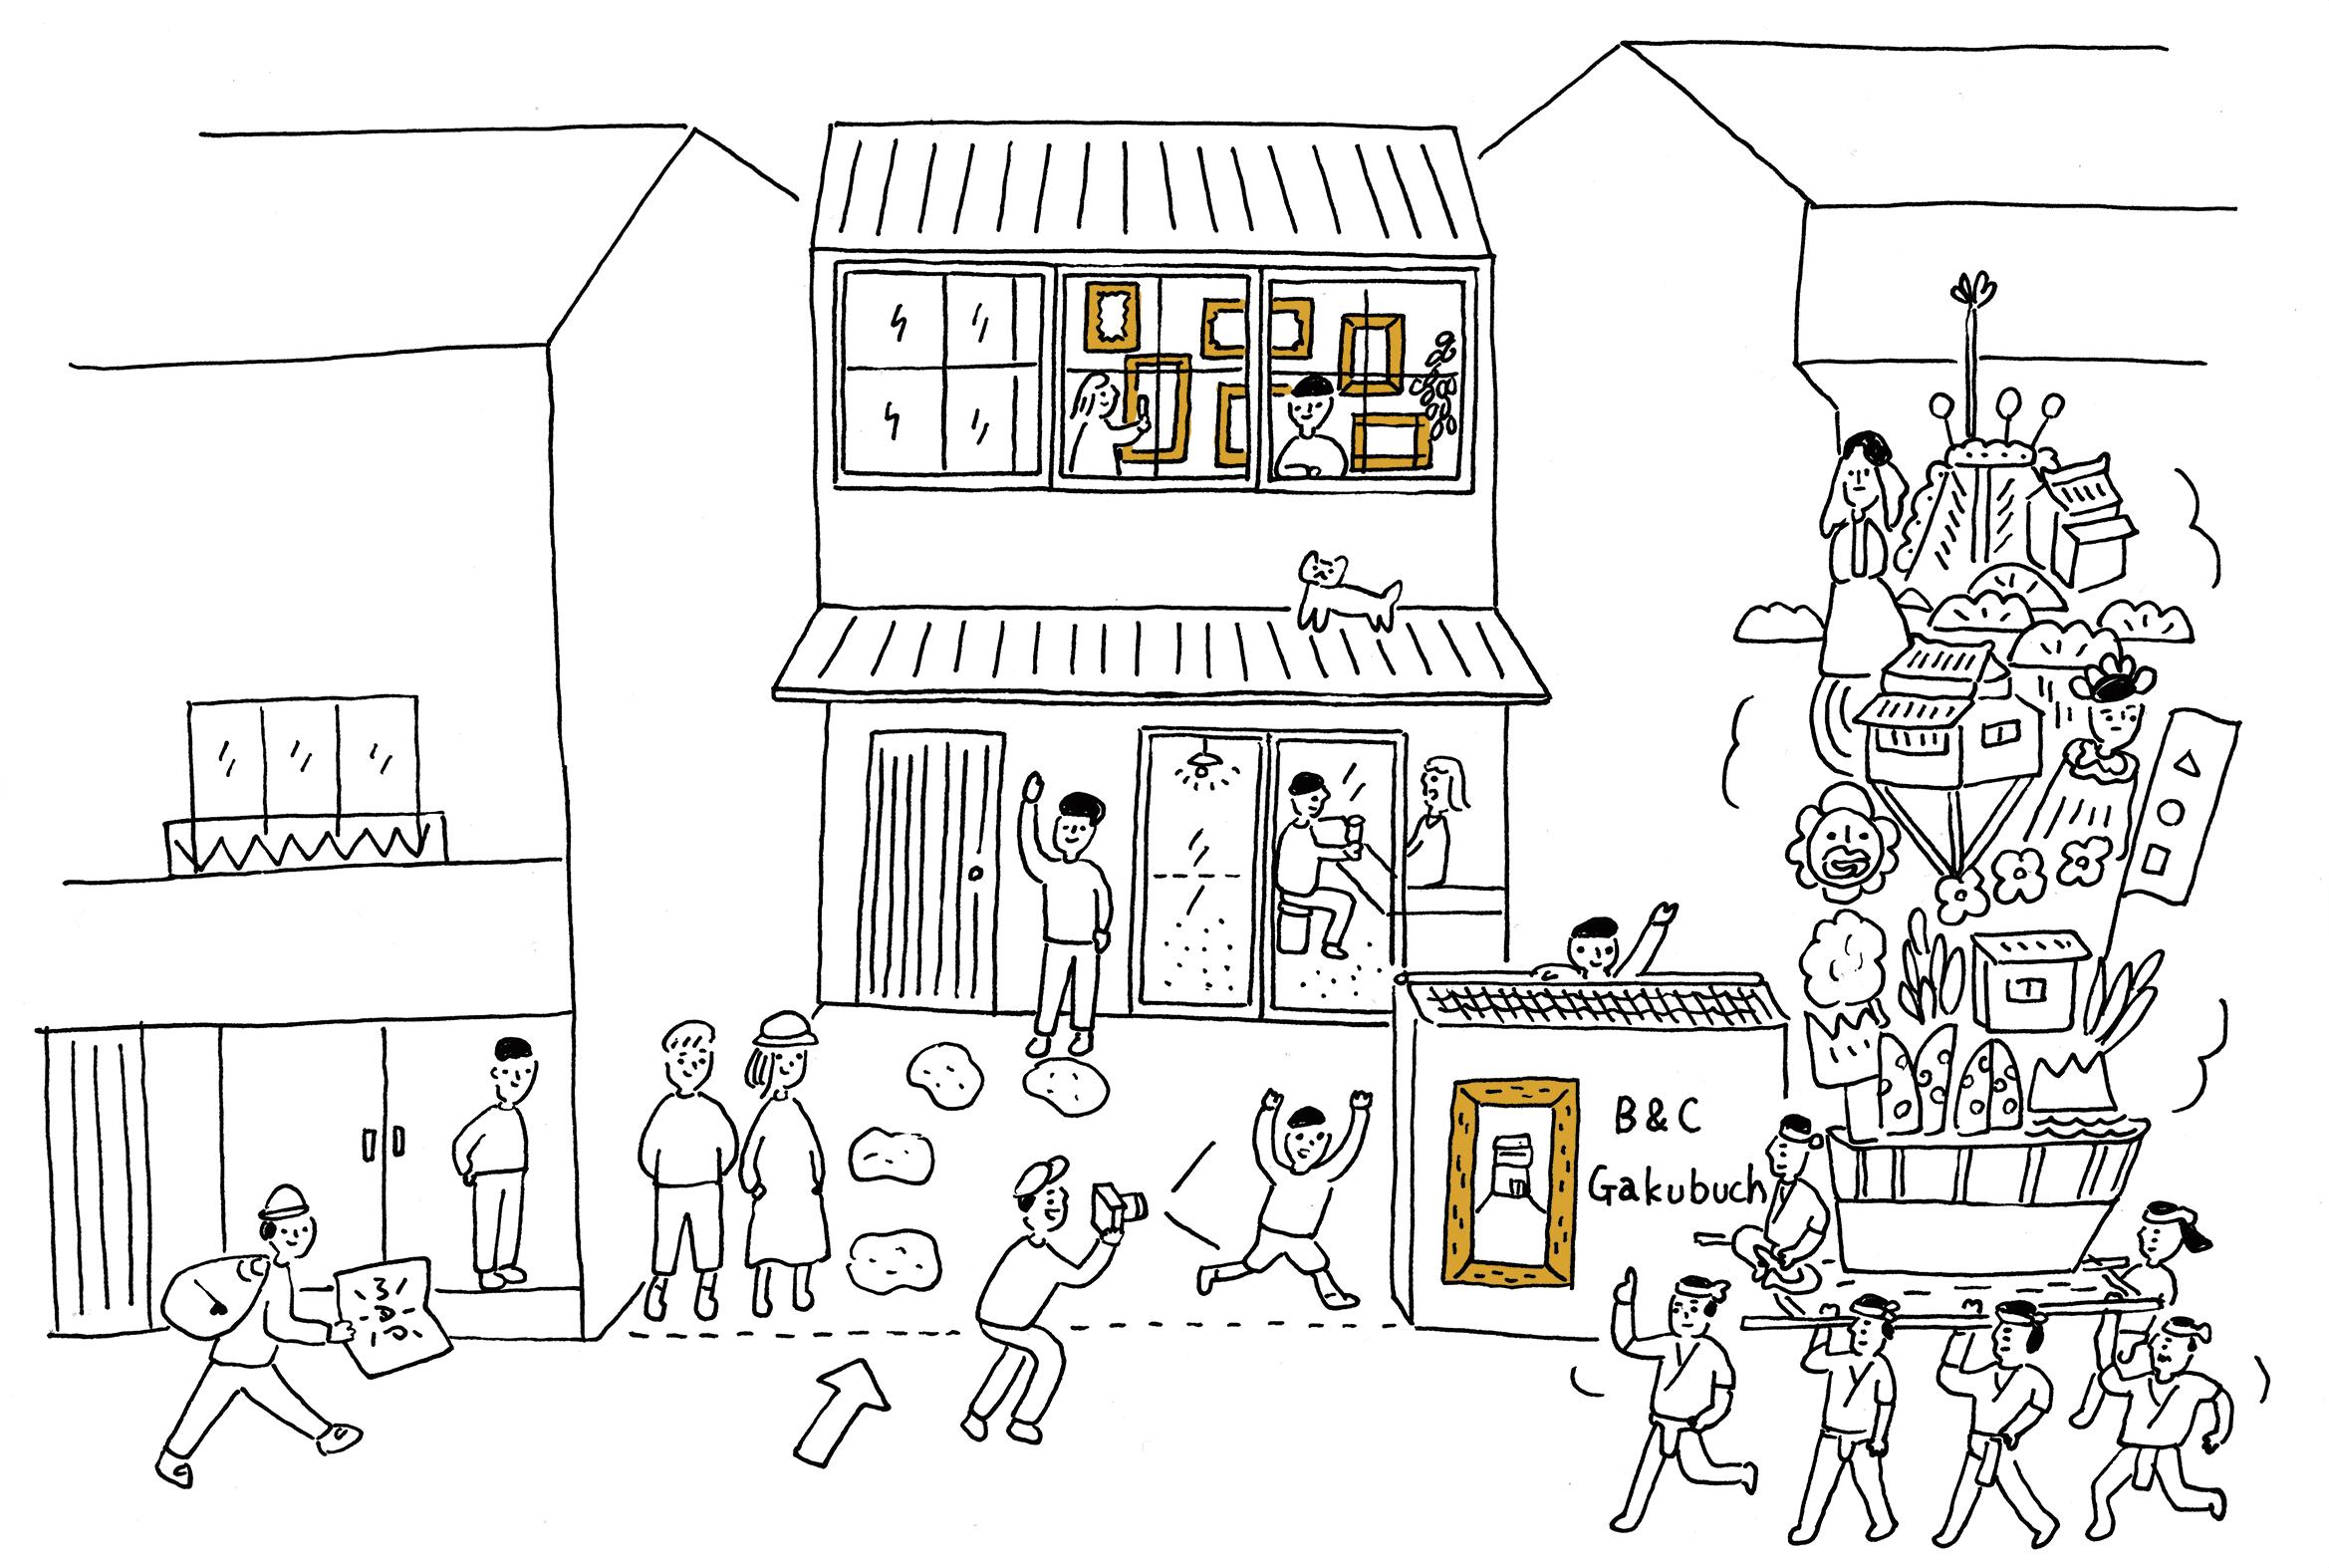 |福岡|ゲストハウス|博多プチ移住!世界最大の予約サイト口コミ福岡県NO1のお宿で縁とネットワークを作りませんか?(住込み)